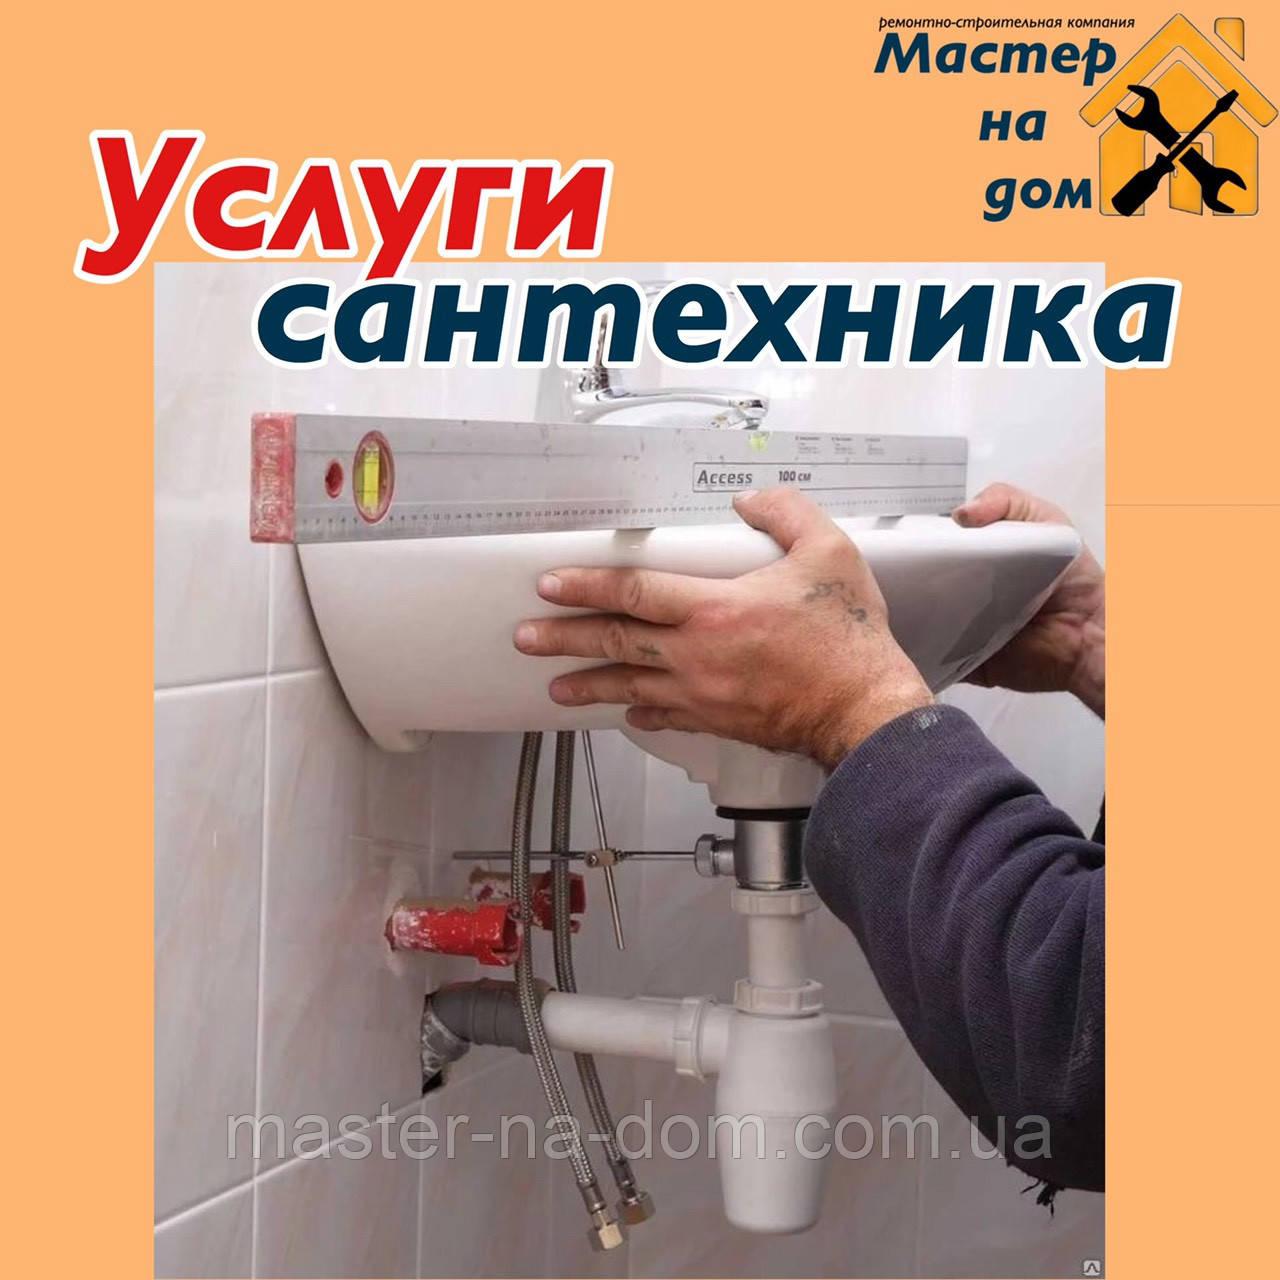 Услуги сантехника в Сумах